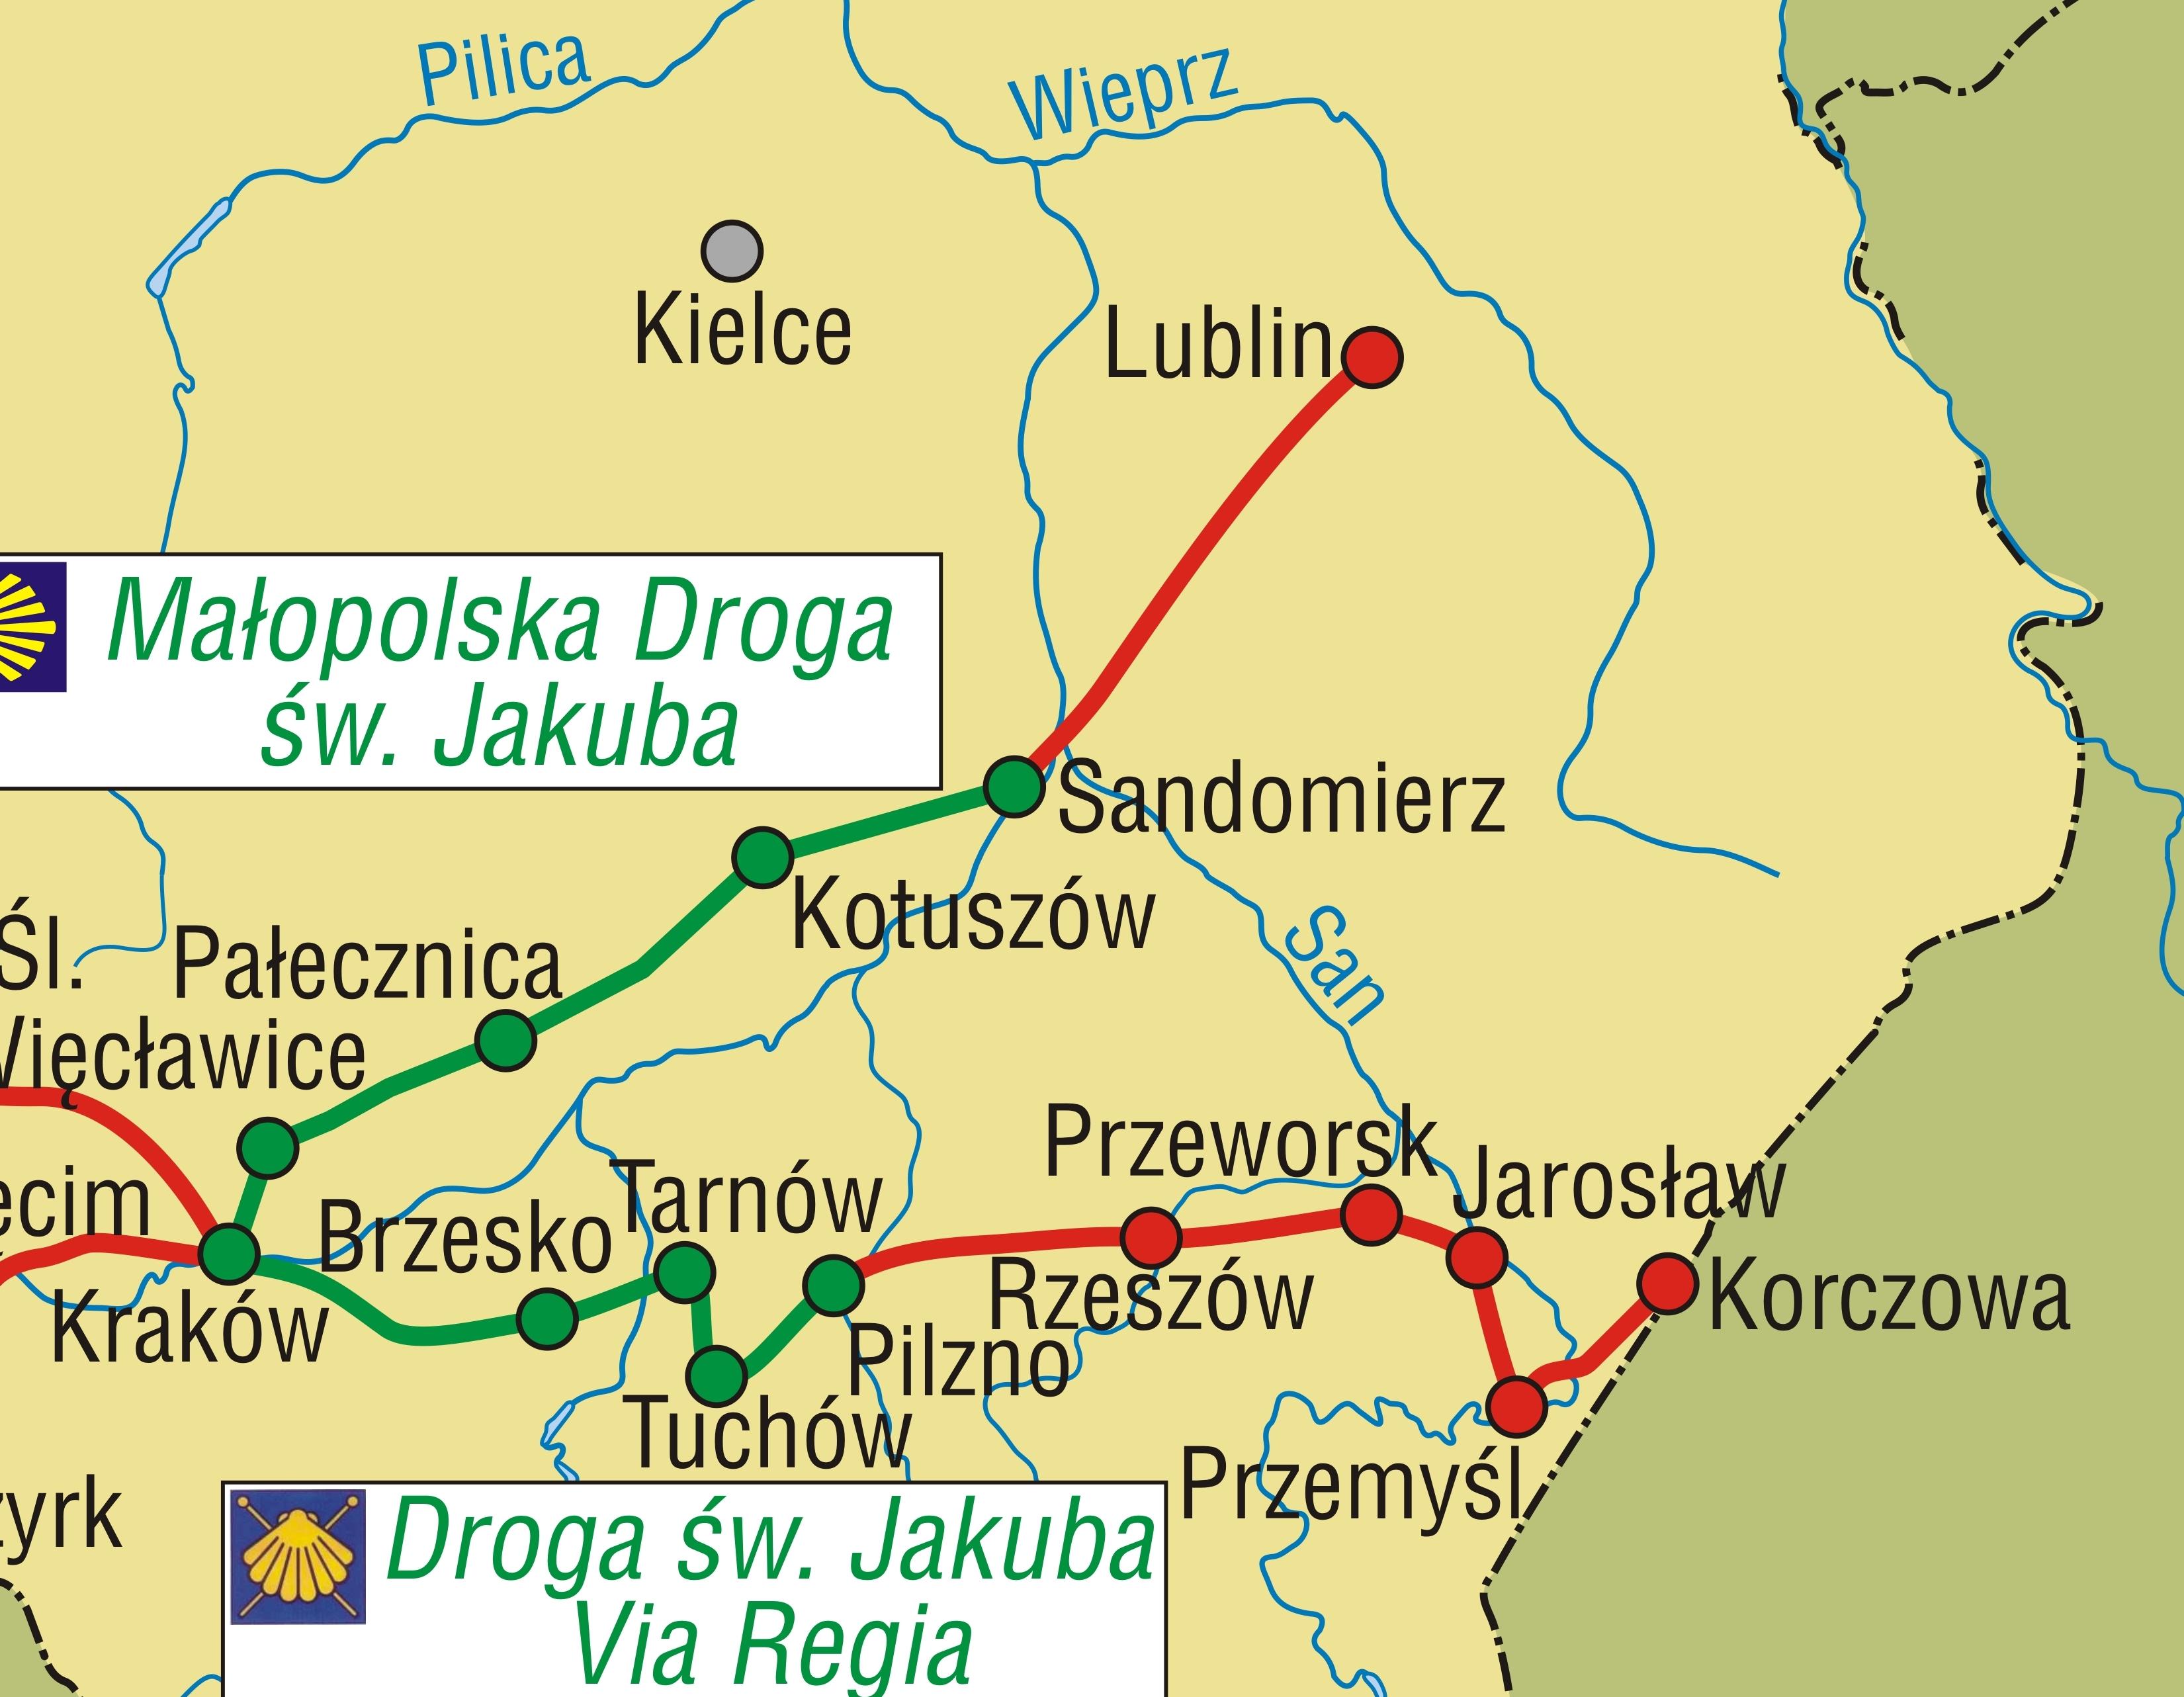 camino lublin